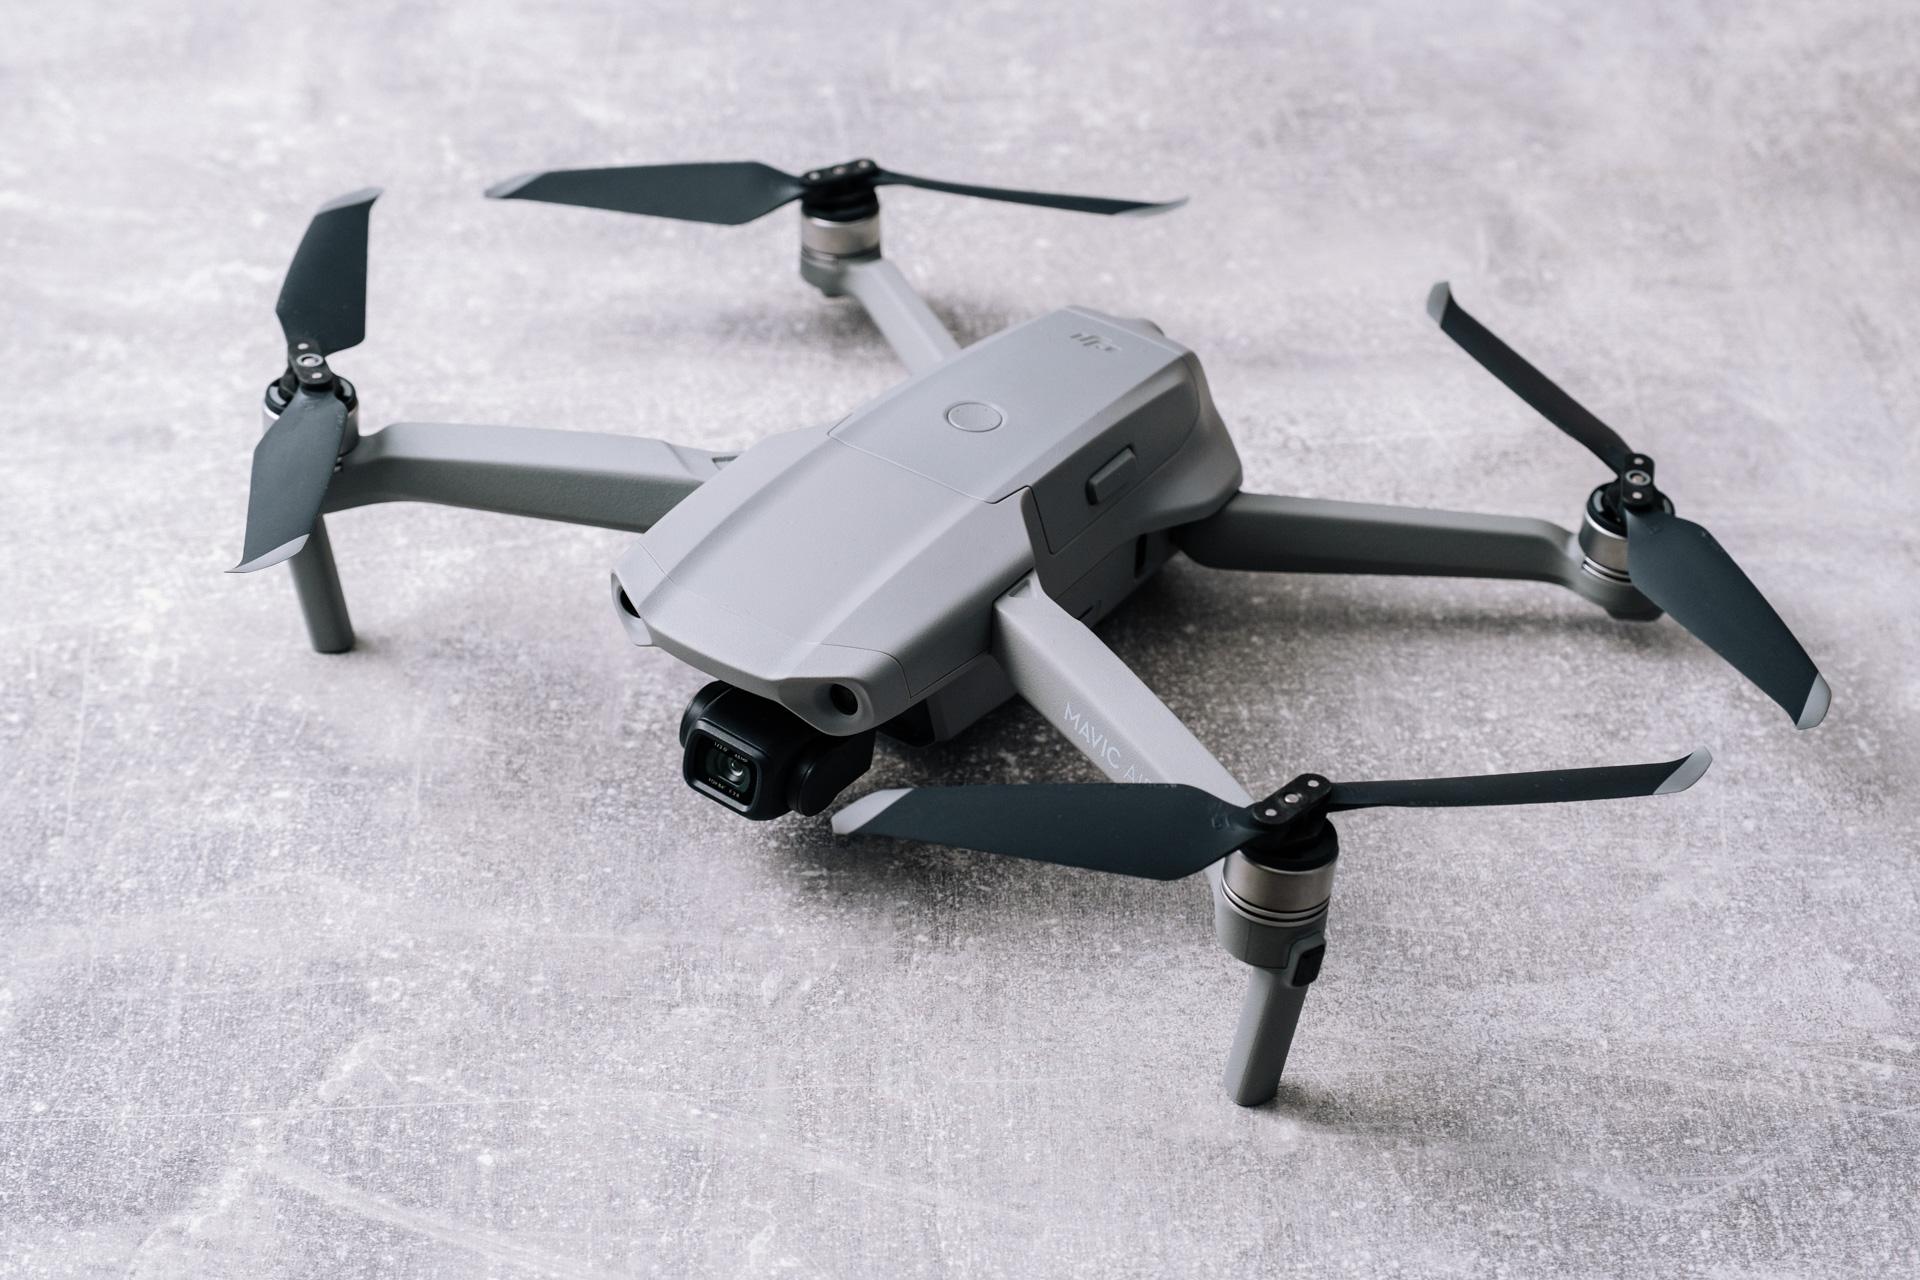 Historiako drone onenak ondorengoa izango du.  DJI Mavic dator 3